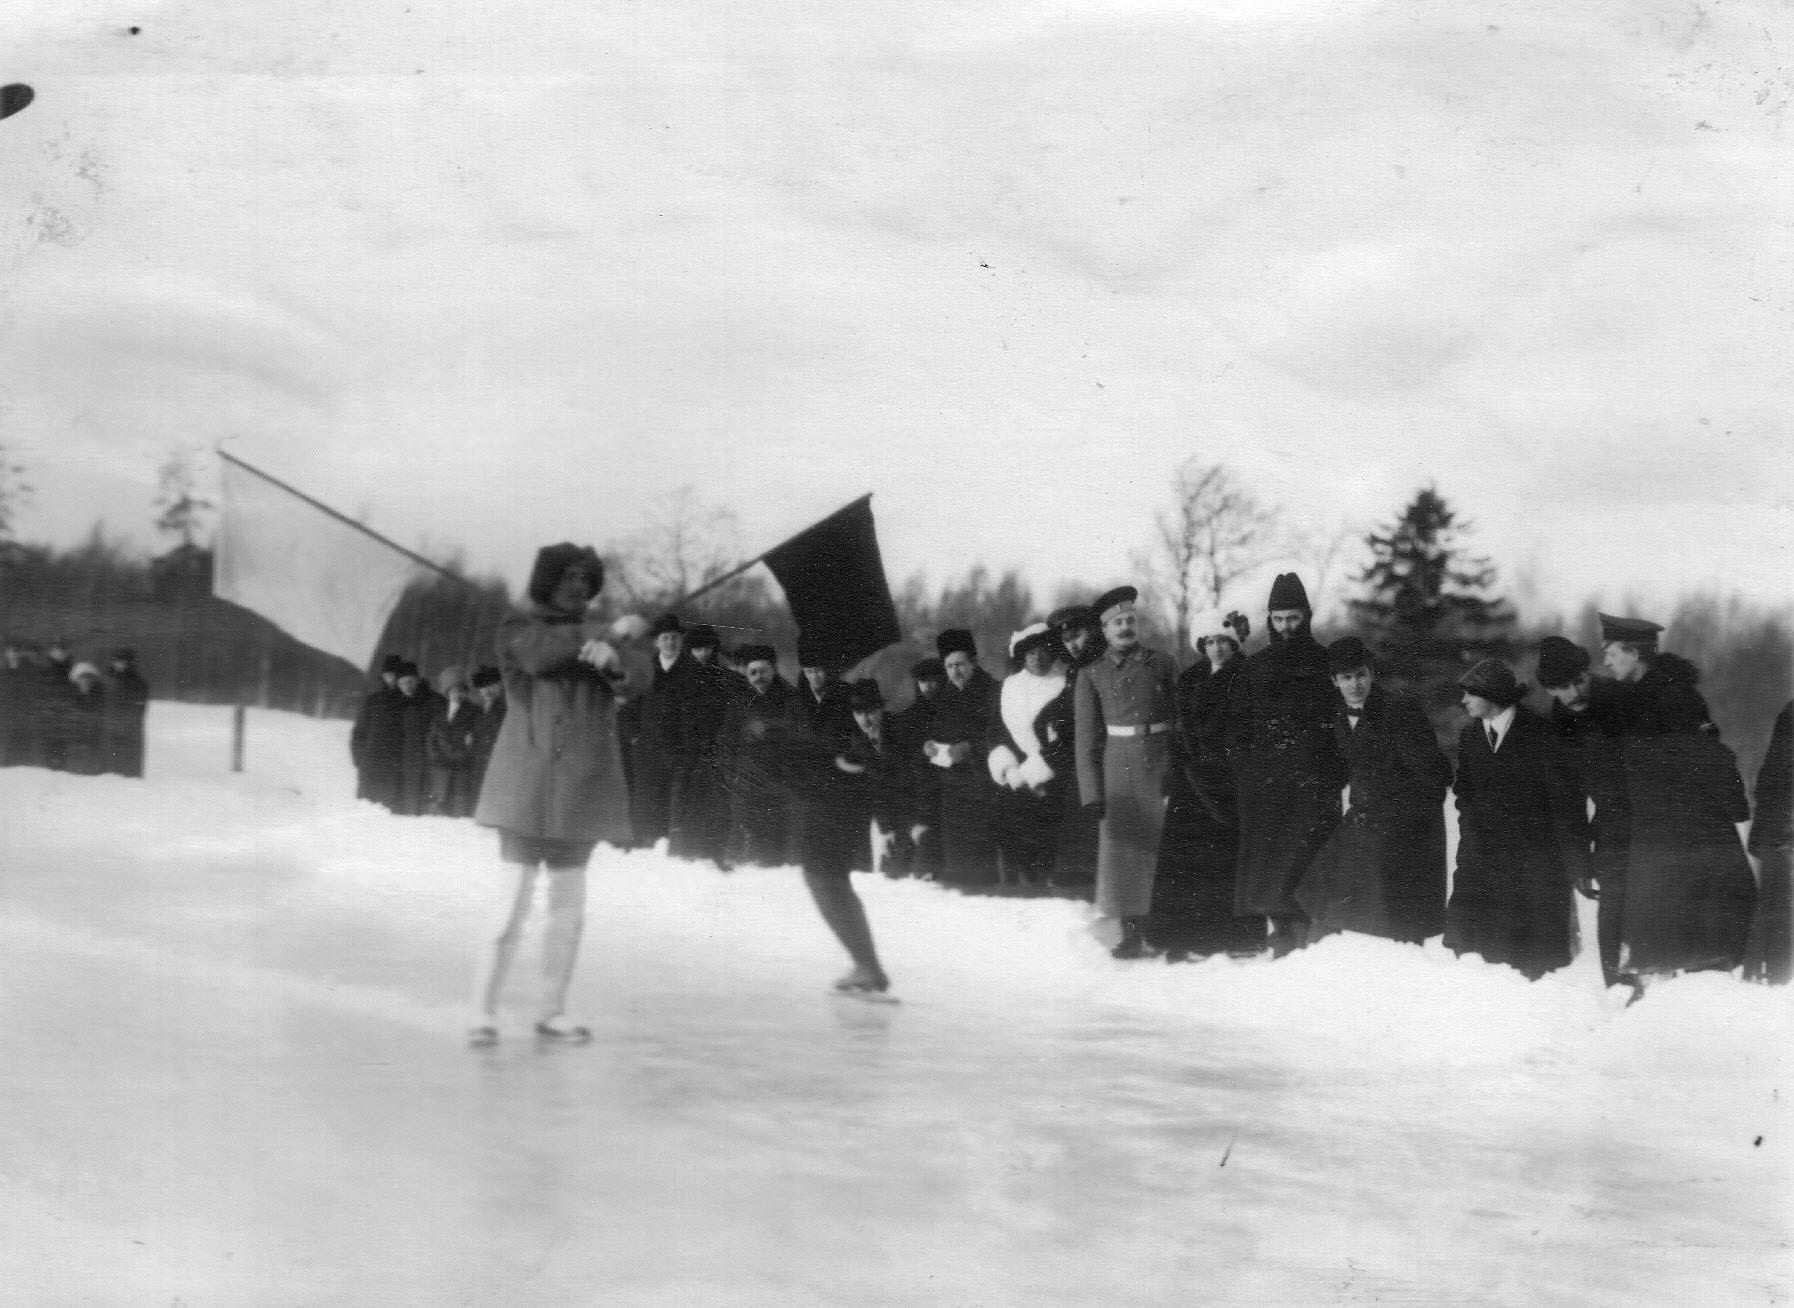 Старт забега на конькобежных соревнованиях на Крестовском острове. 11 февраля 1913